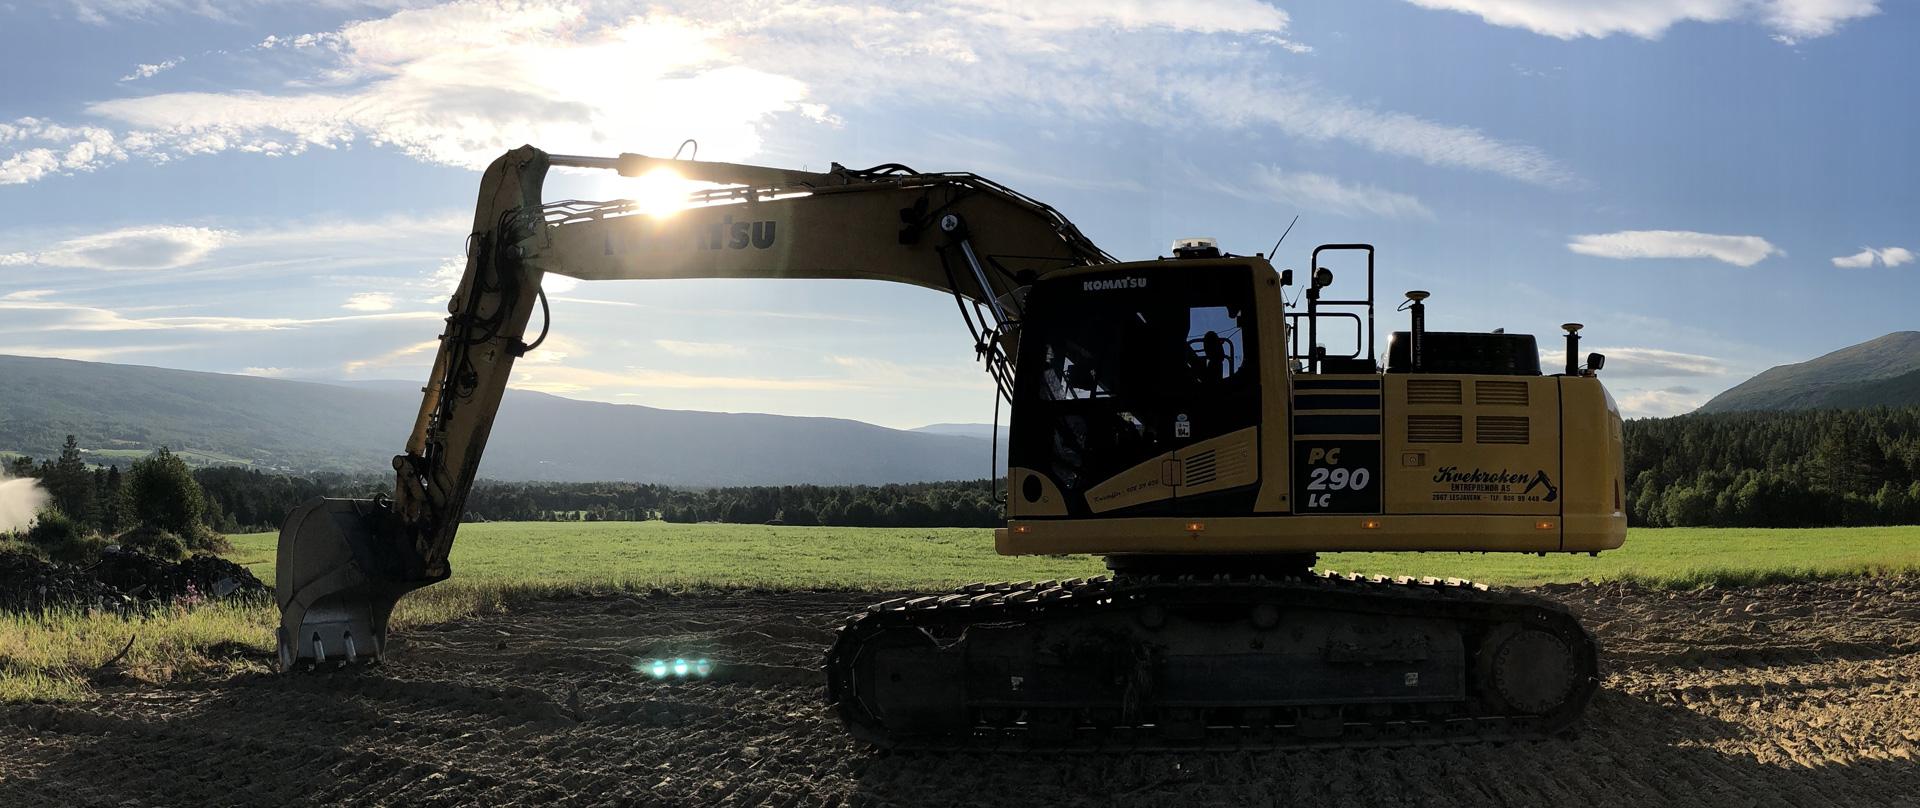 Bilde av en gravemaskin som graver.